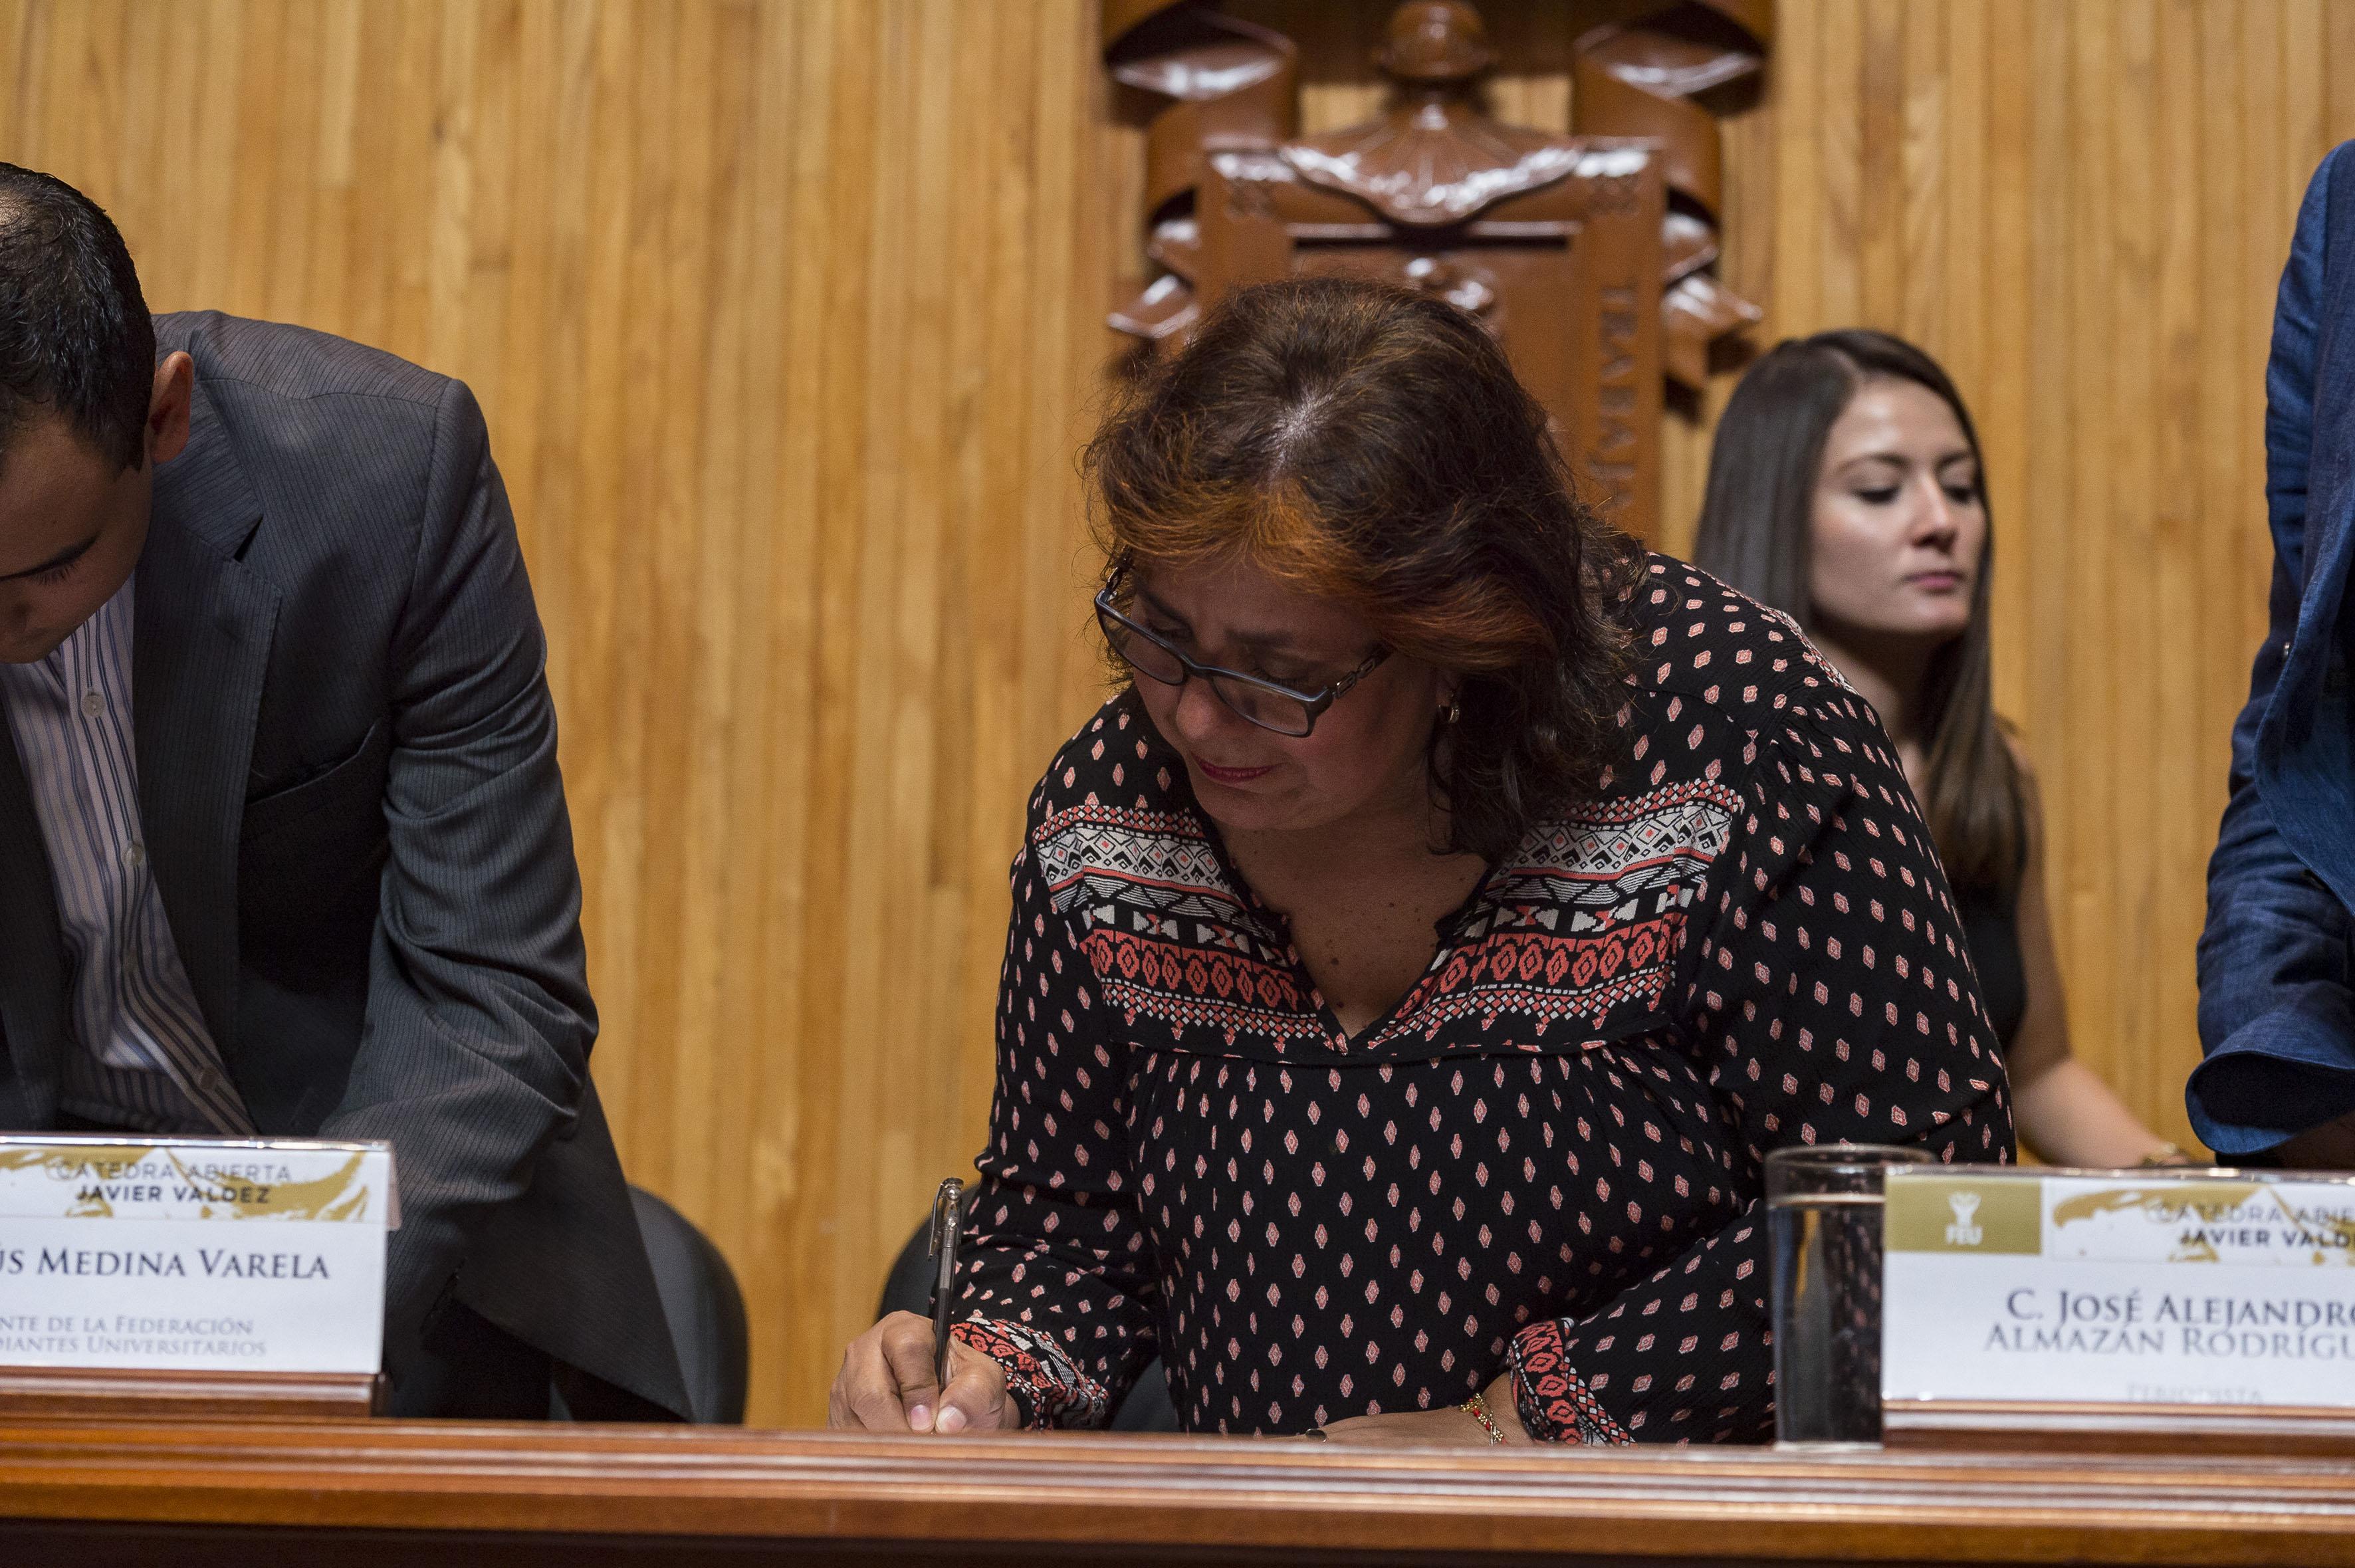 Griselda Inés Triana López, esposa de Valdez firmando  la carta de intención de la cátedra, recibió un dibujo del periodista realizado por Daniel Castellanos Carrillo, egresado del Centro Universitario de Arte, Arquitectura y Diseño (CUAAD).